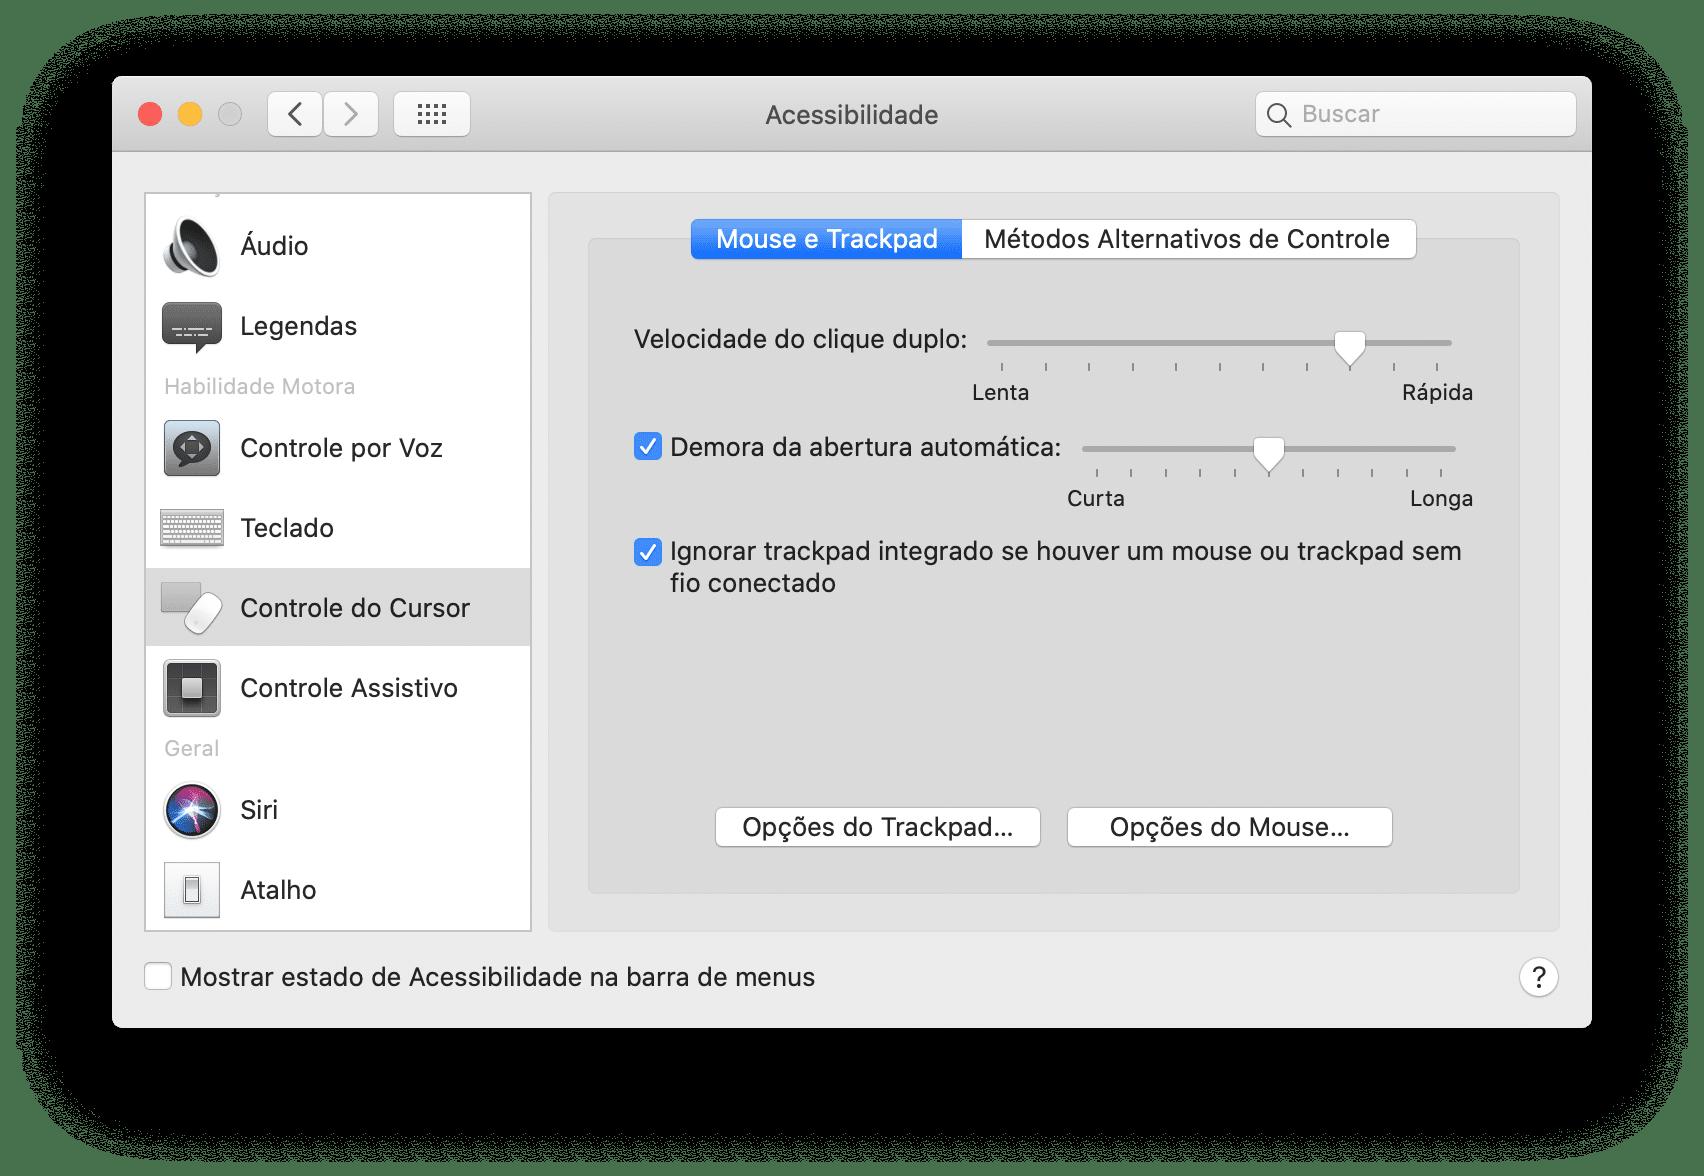 Opção para ignorar o trackpad integrado